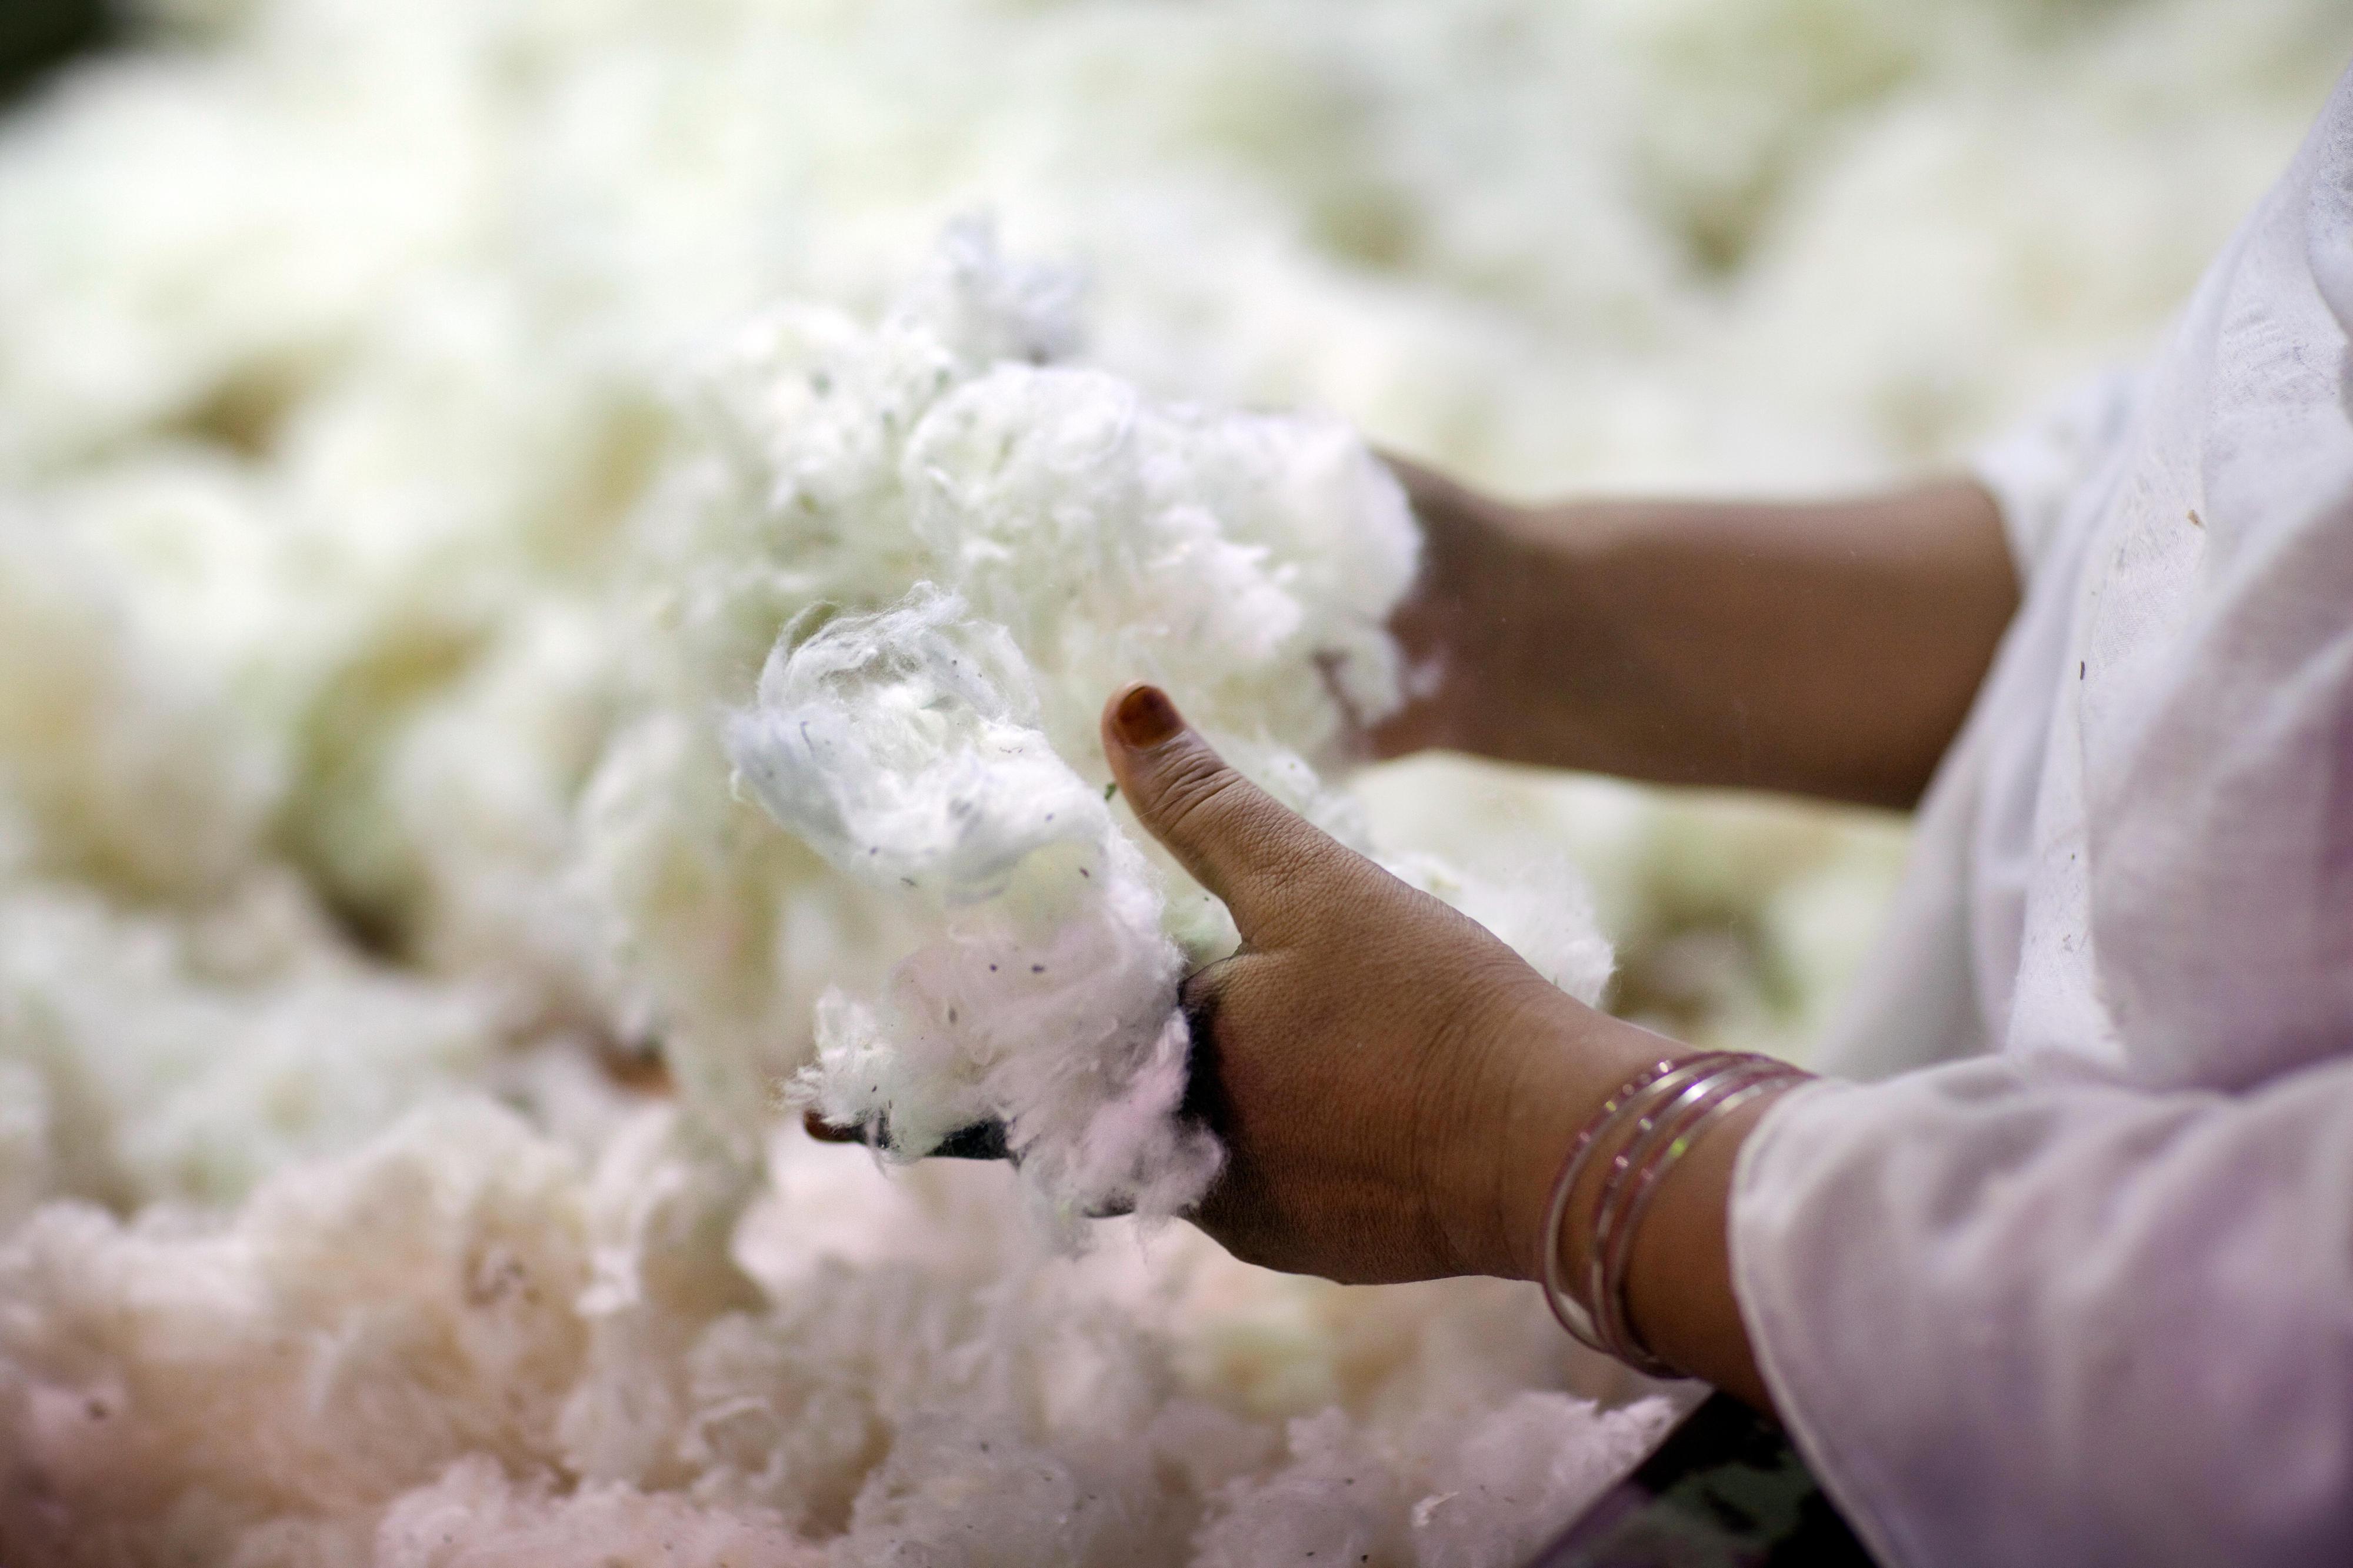 In einer Textilfabrik in Faisalabad, Pakistan, wird Baumwolle auf Verunreinigungen untersucht.